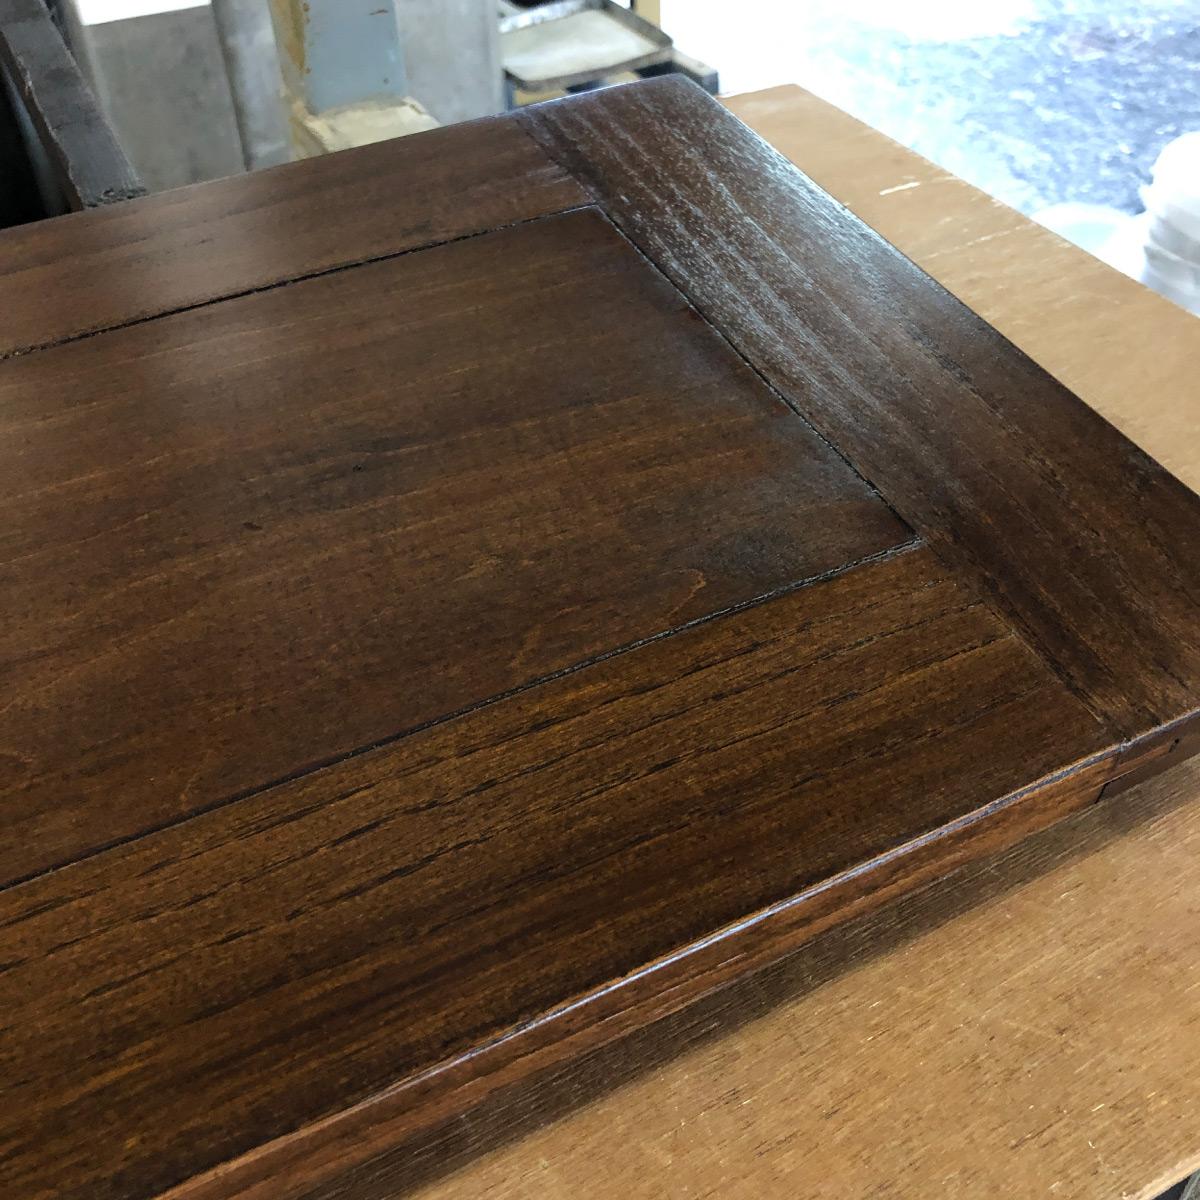 テーブル汚れ落とし修理リペア家具再生